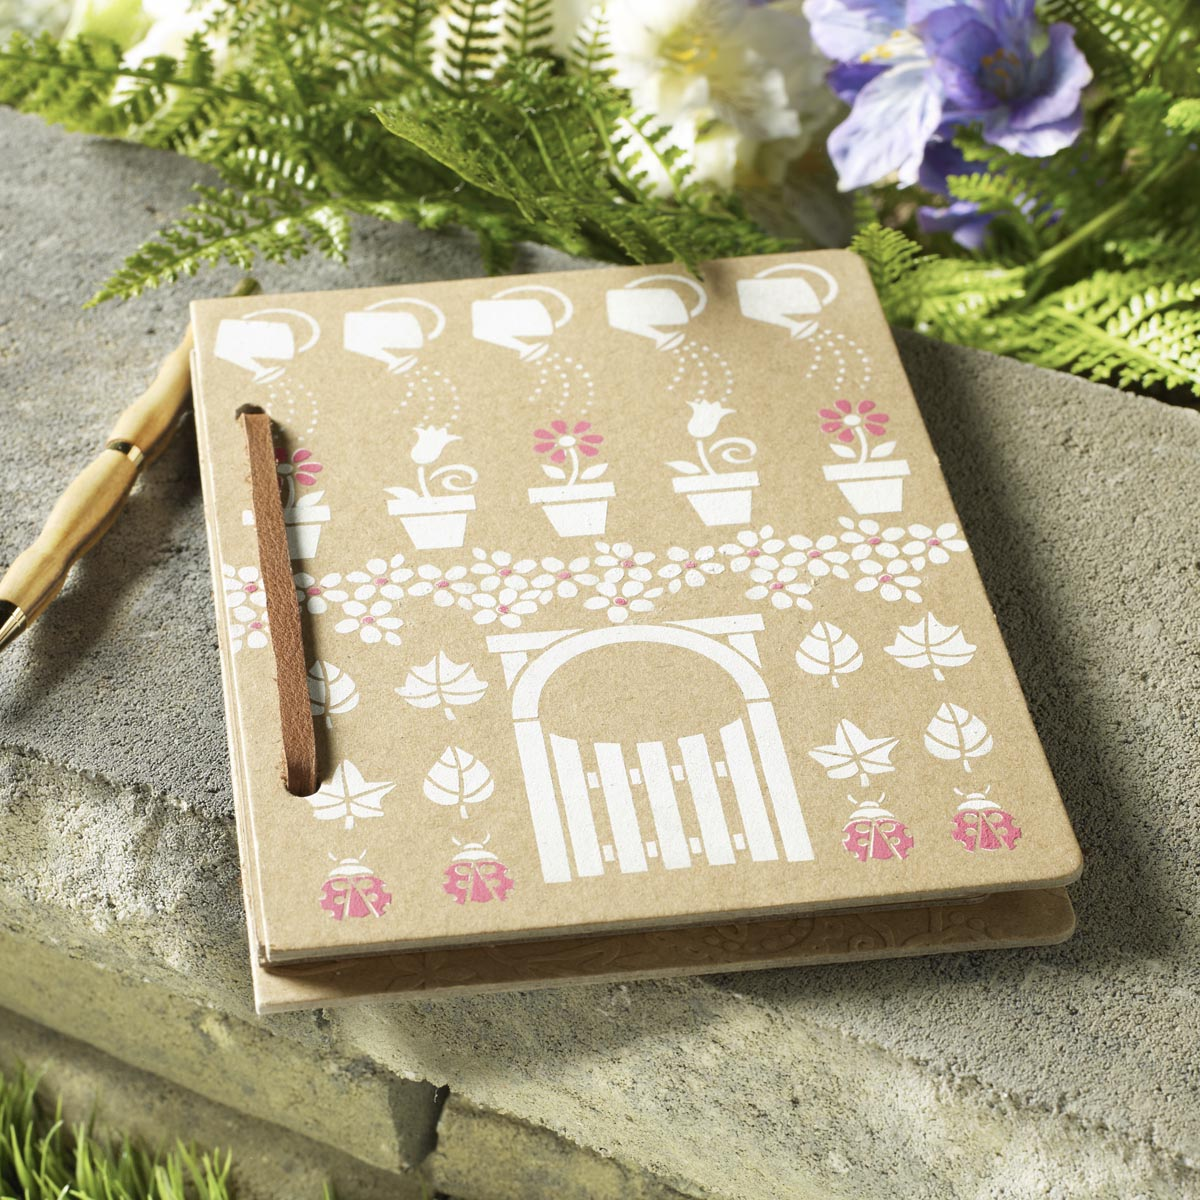 FolkArt ® Painting Stencils - Mini - Flower Pots - 60957